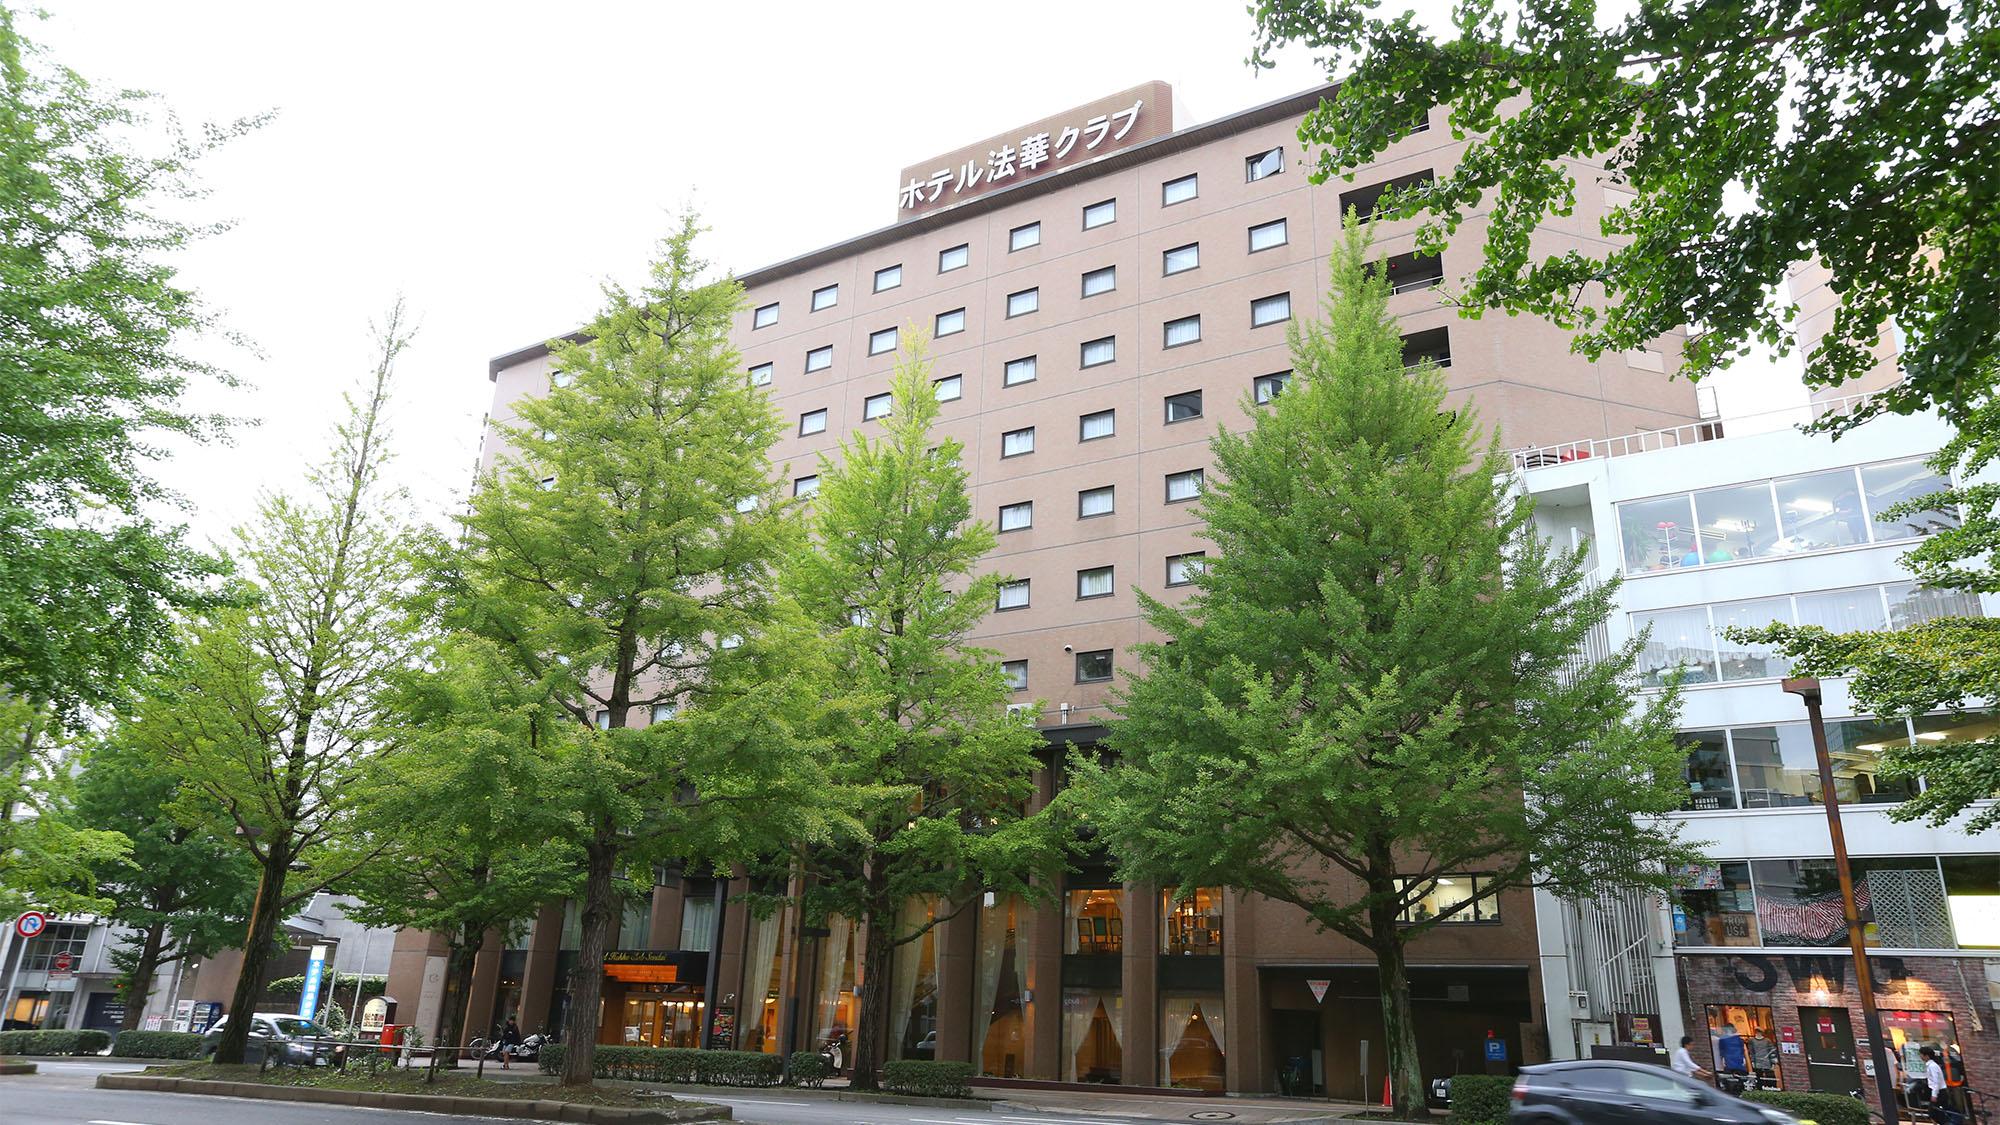 ホテル法華クラブ仙台【仙台の食材を活かした郷土色豊かな朝食】